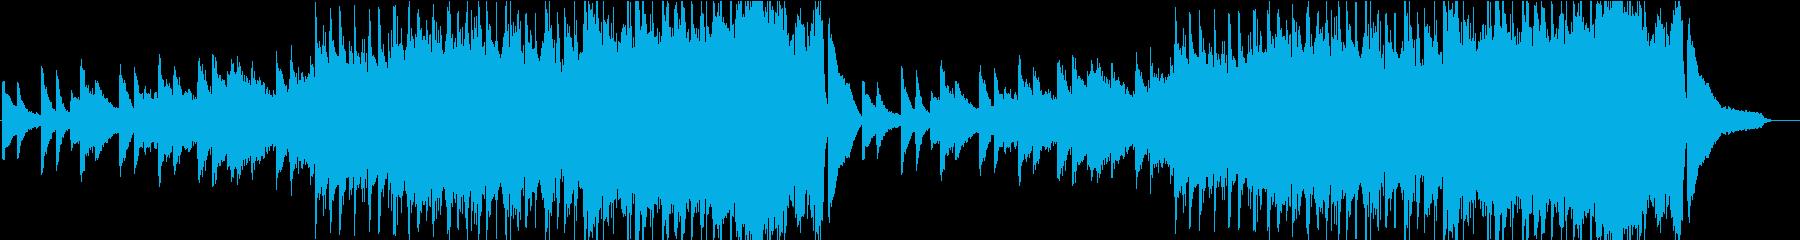 ピアノオンリーの徐々に激しくなる曲の再生済みの波形